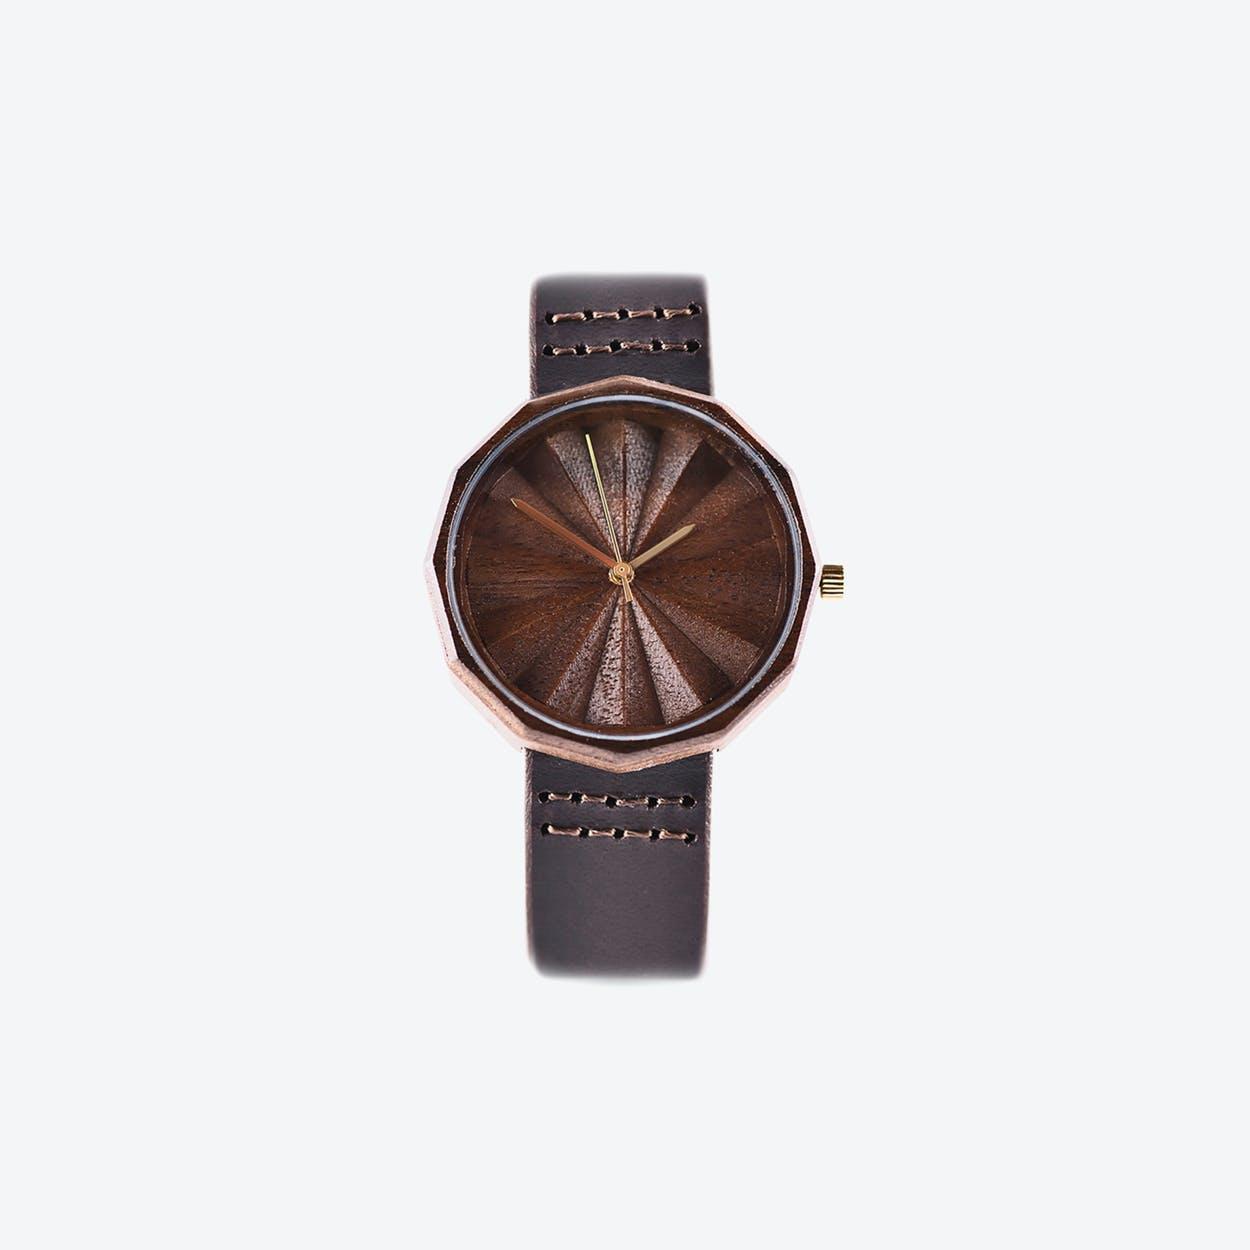 Natura 36 Wooden Watch